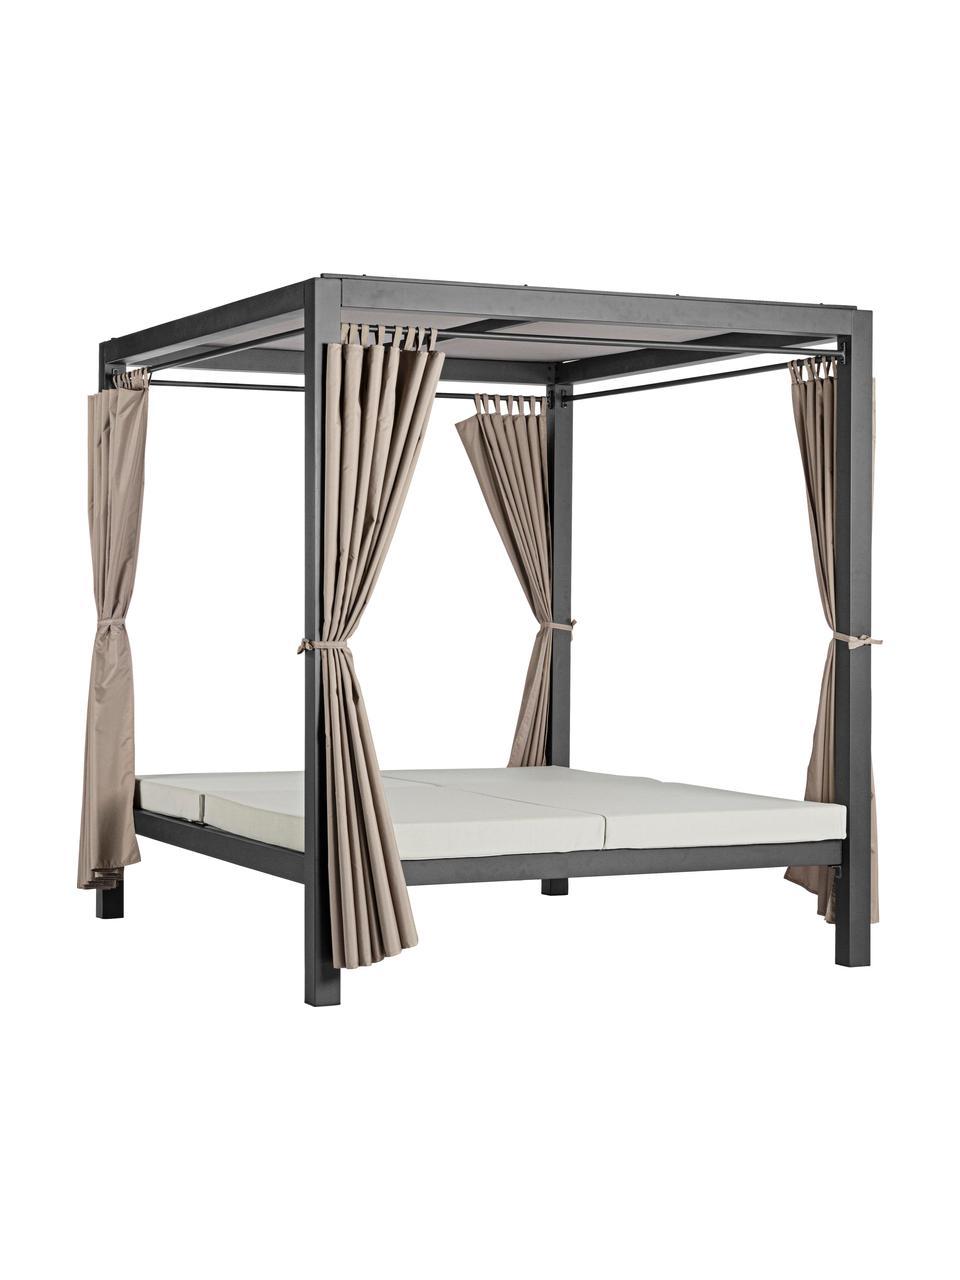 Letto prendisole con baldacchino e tende Dream, Struttura: alluminio verniciato a po, Nero, Larg. 208 x Alt. 205 cm